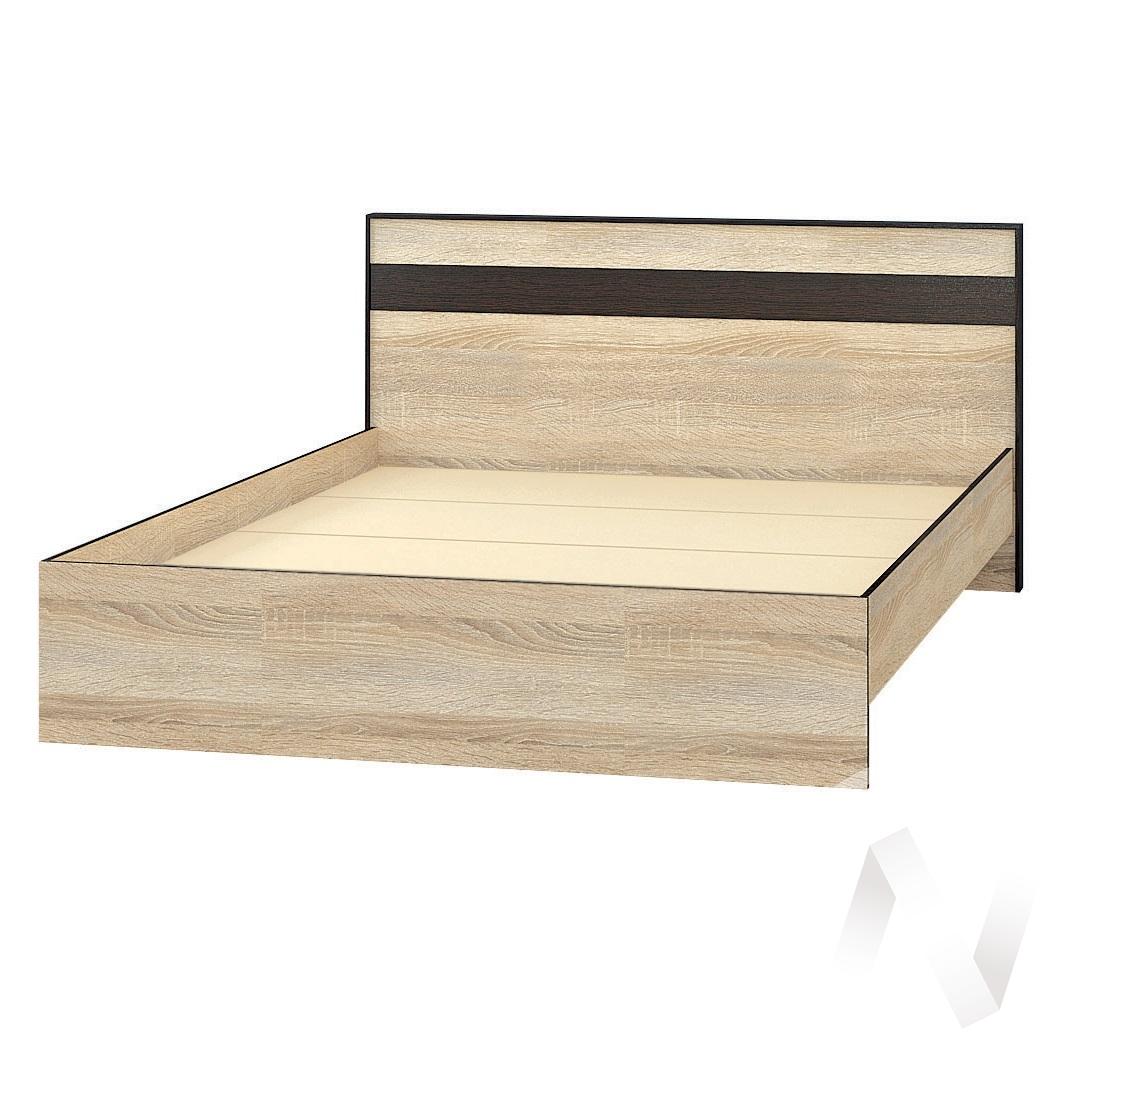 Корпус кровати 1,4м ЛК-2 Спальня Лирика (дуб сонома/венге)